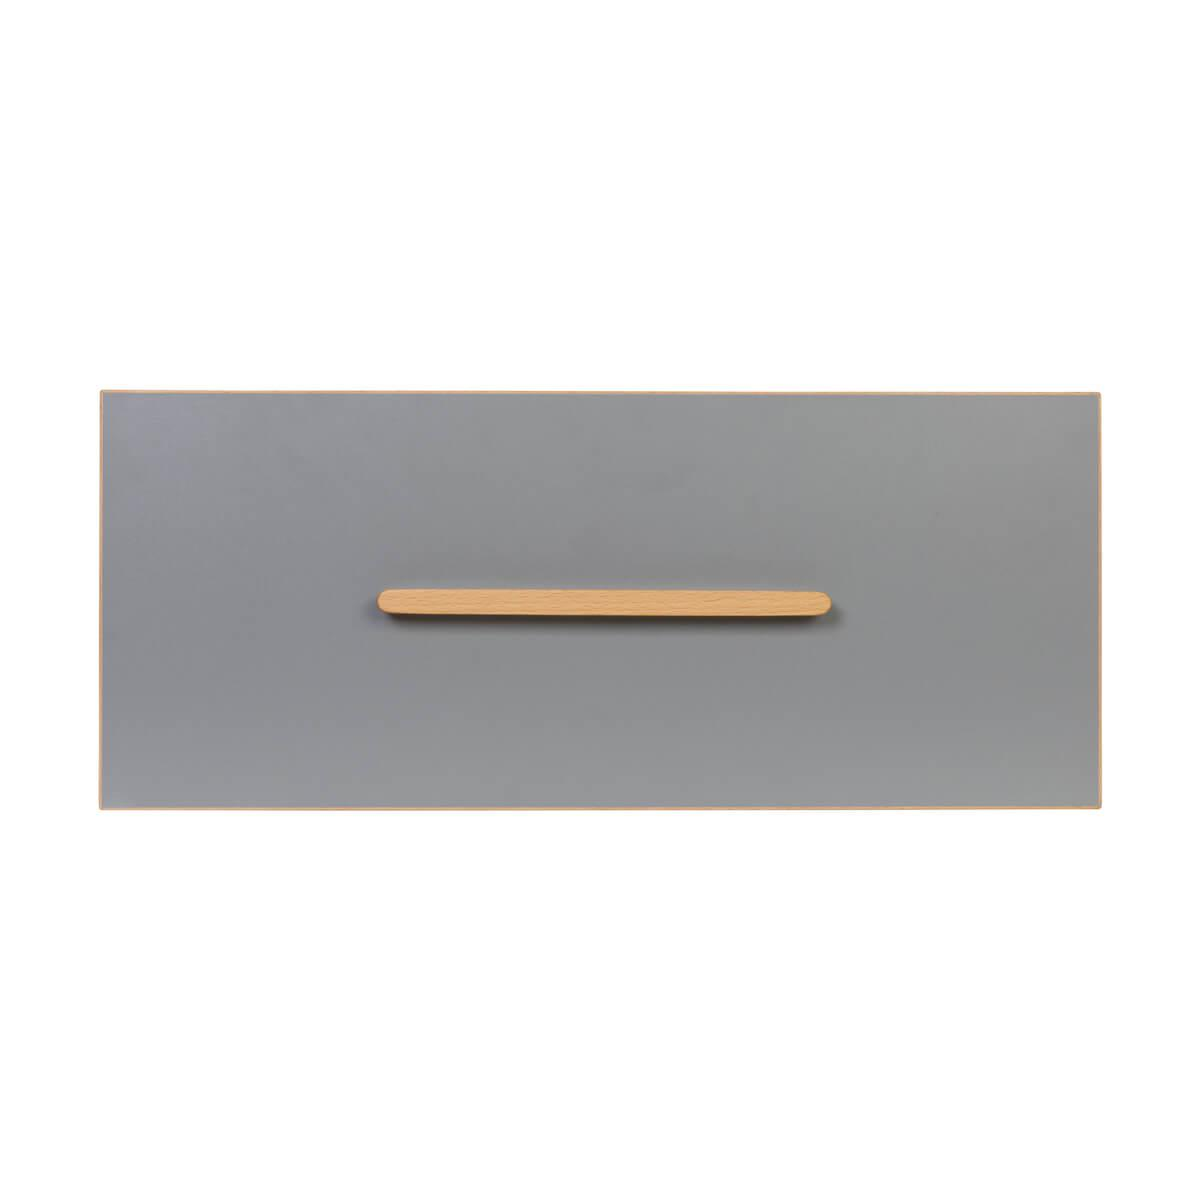 Façade tiroir NADO slate grey